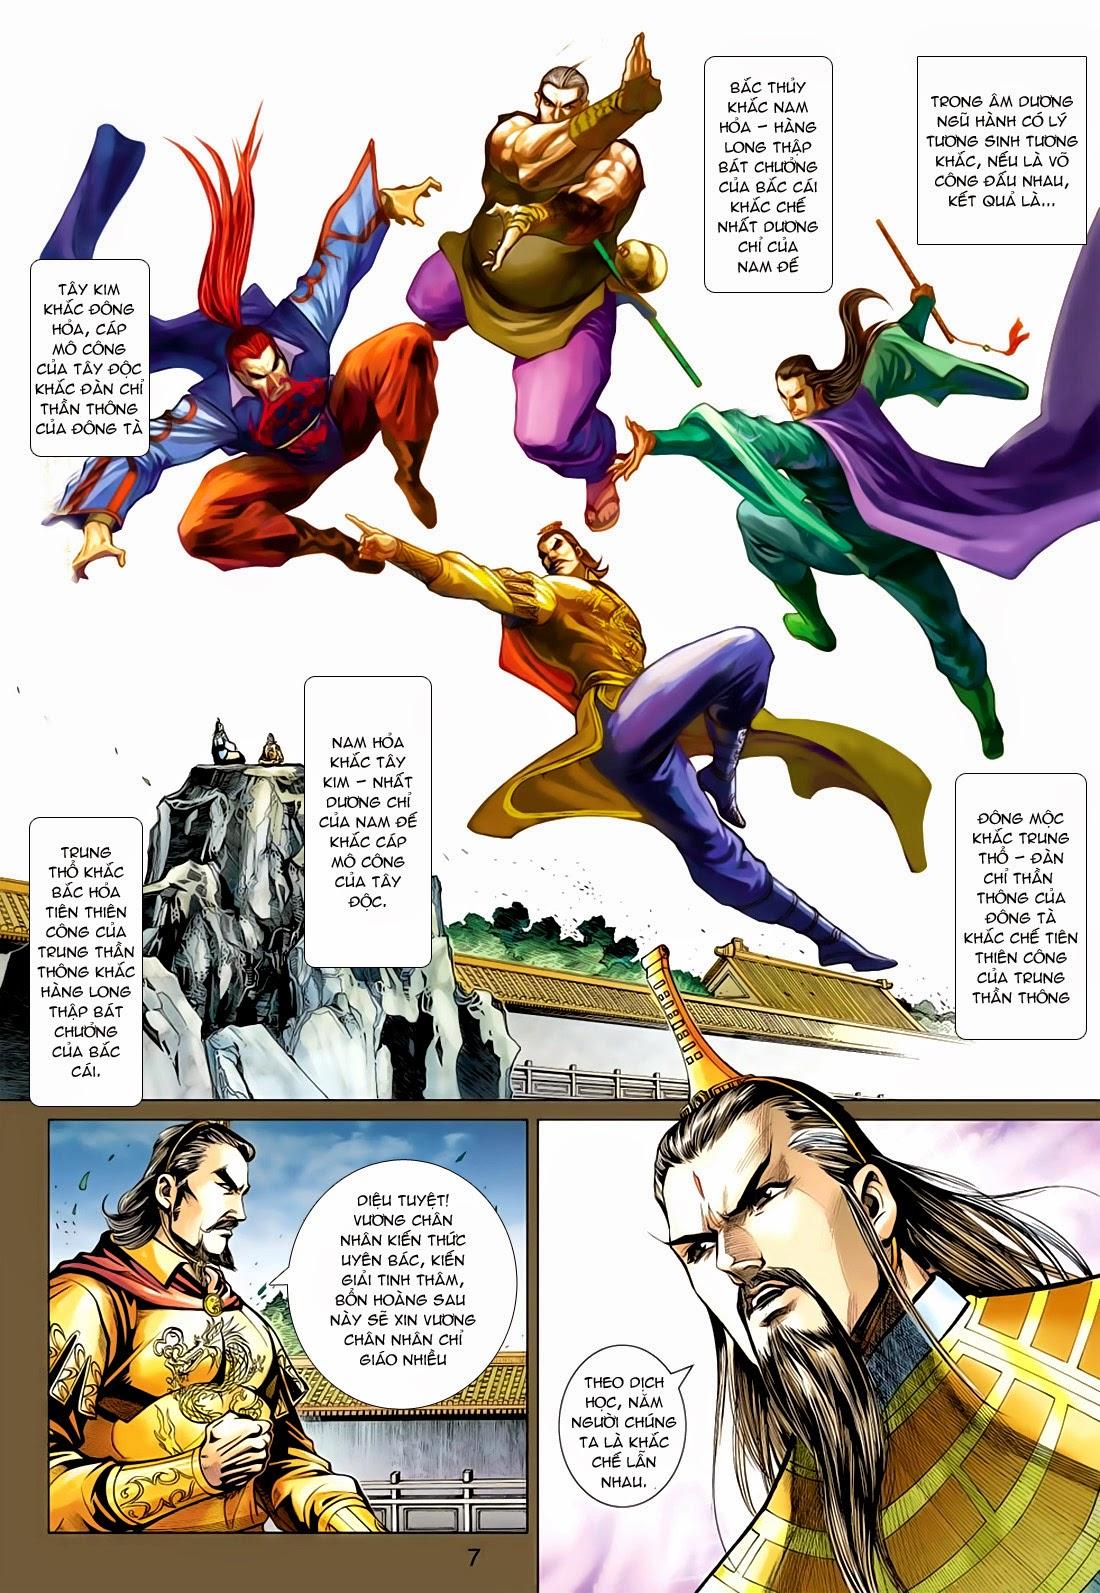 Anh Hùng Xạ Điêu anh hùng xạ đêu chap 77: thế thượng tối cường võ công trang 7